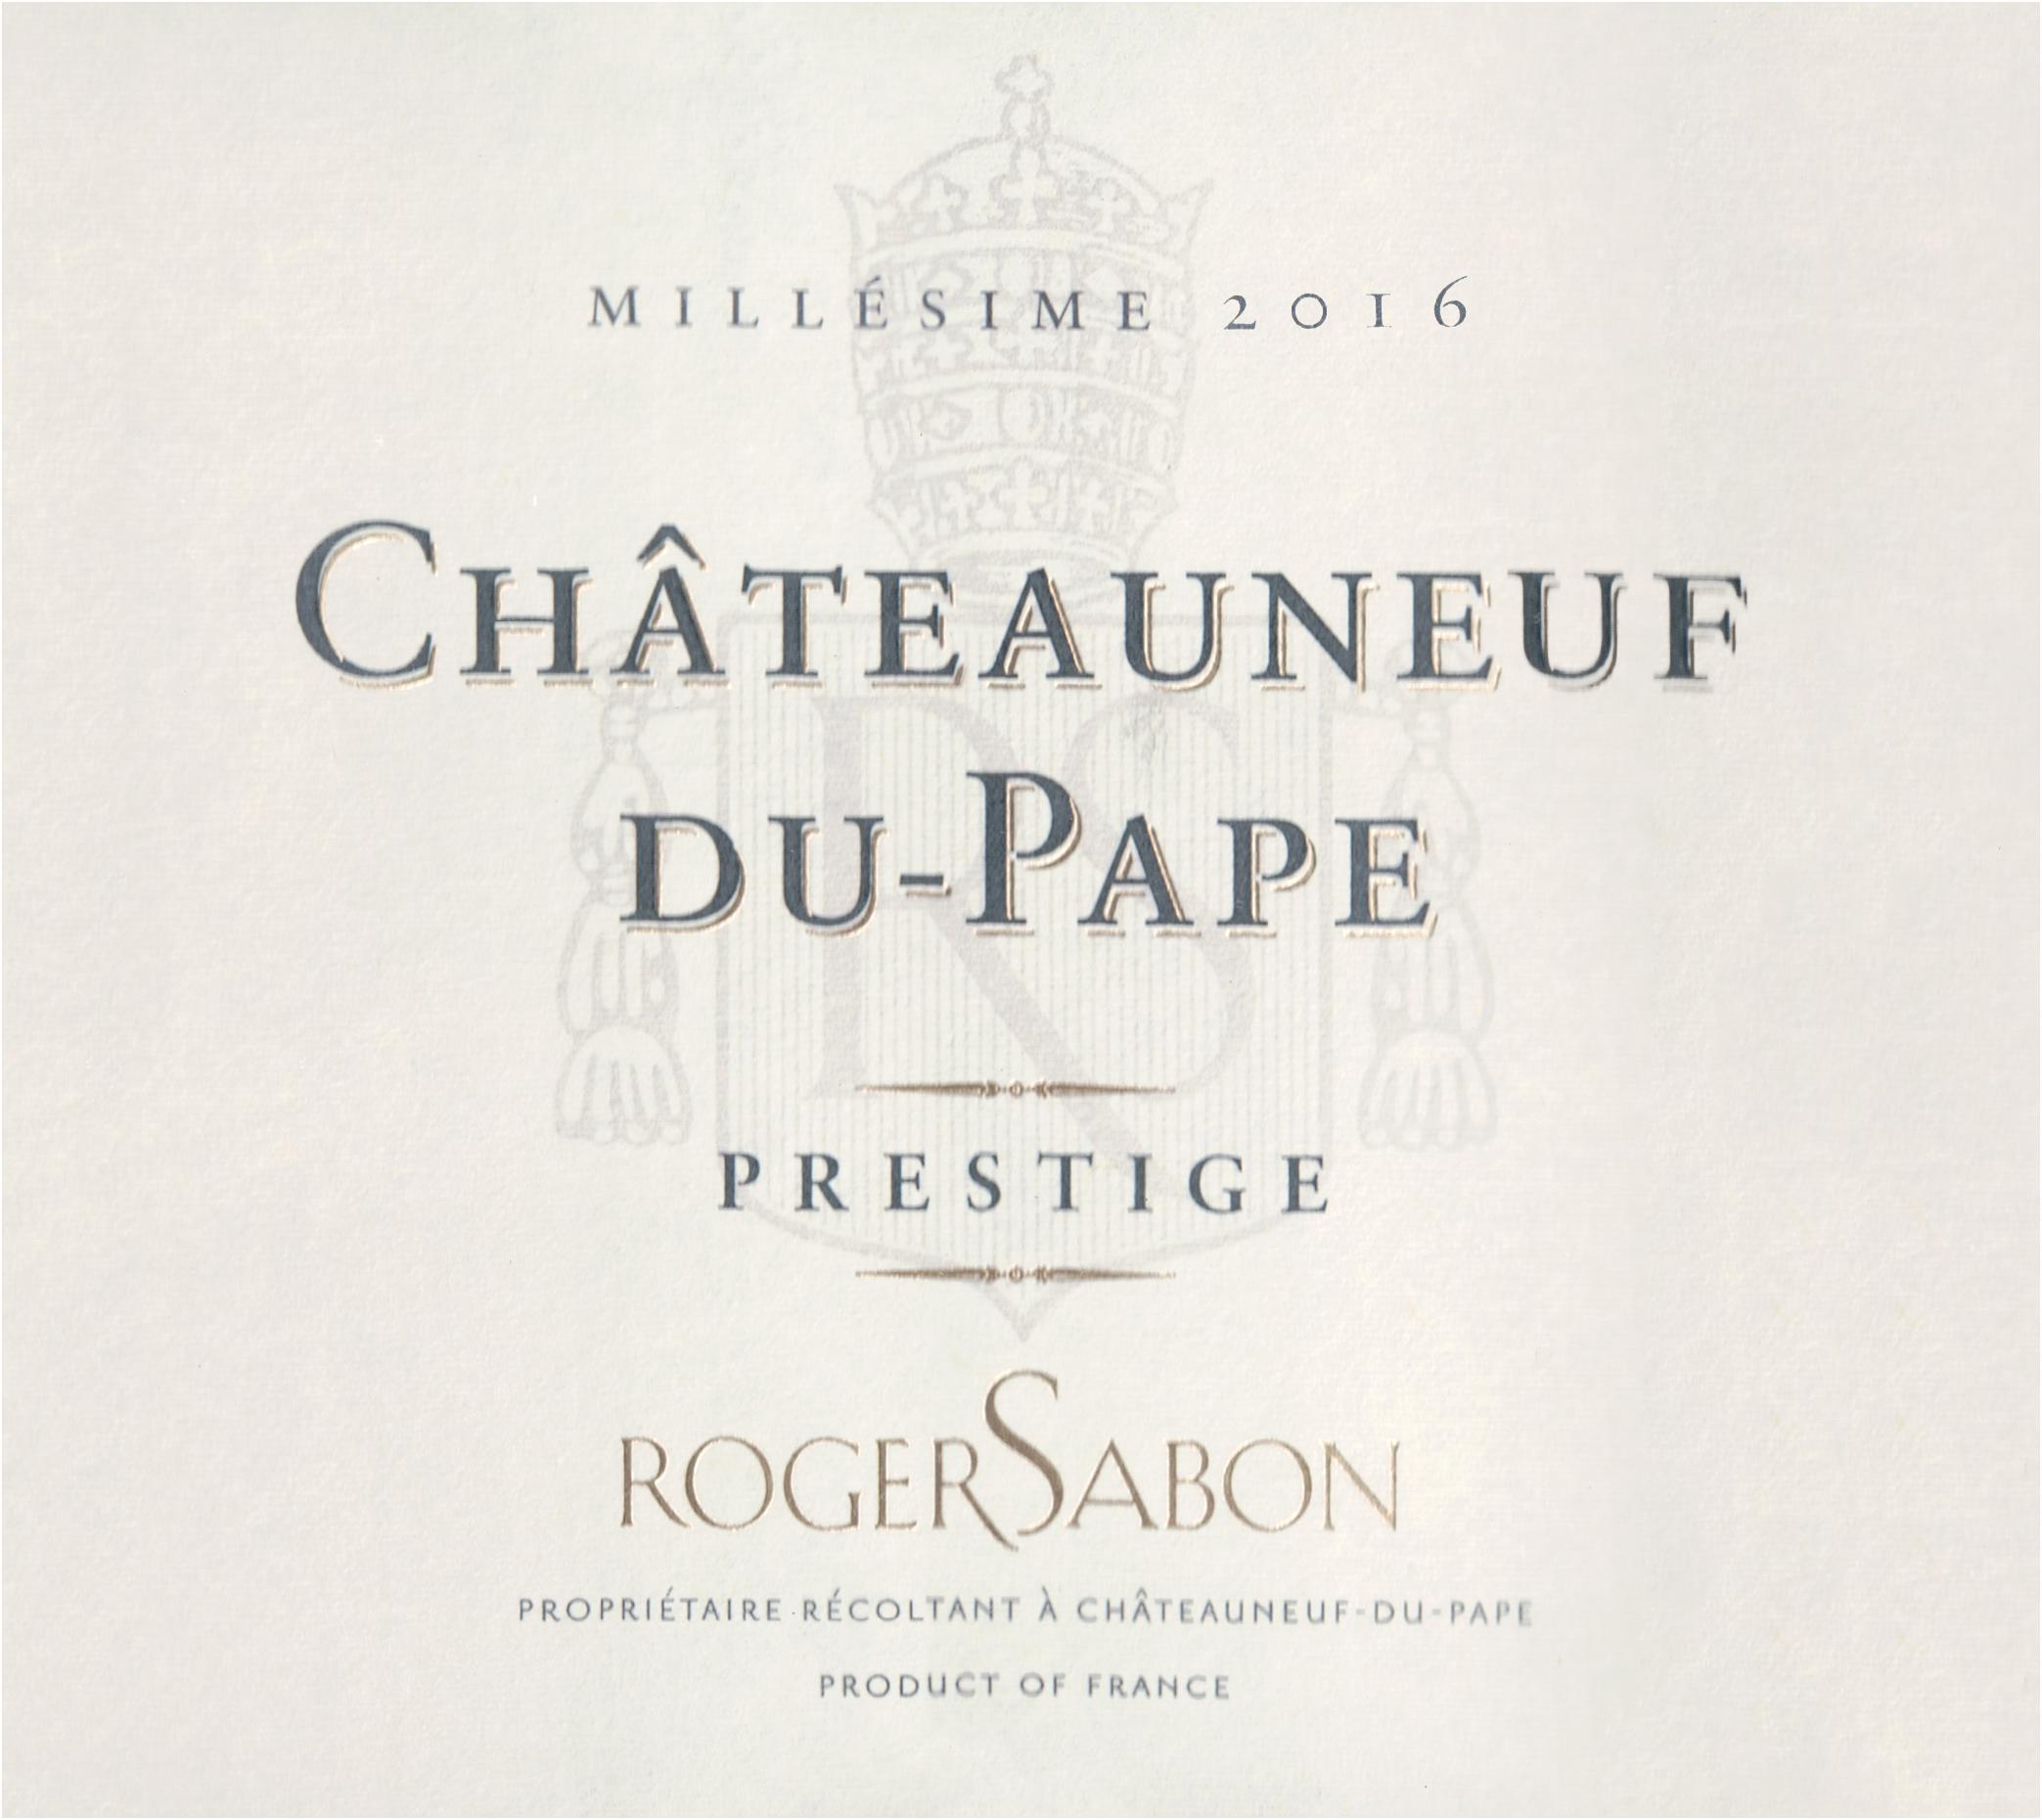 Sabon Chateauneuf Du Pape Cuvee Prestige 2016